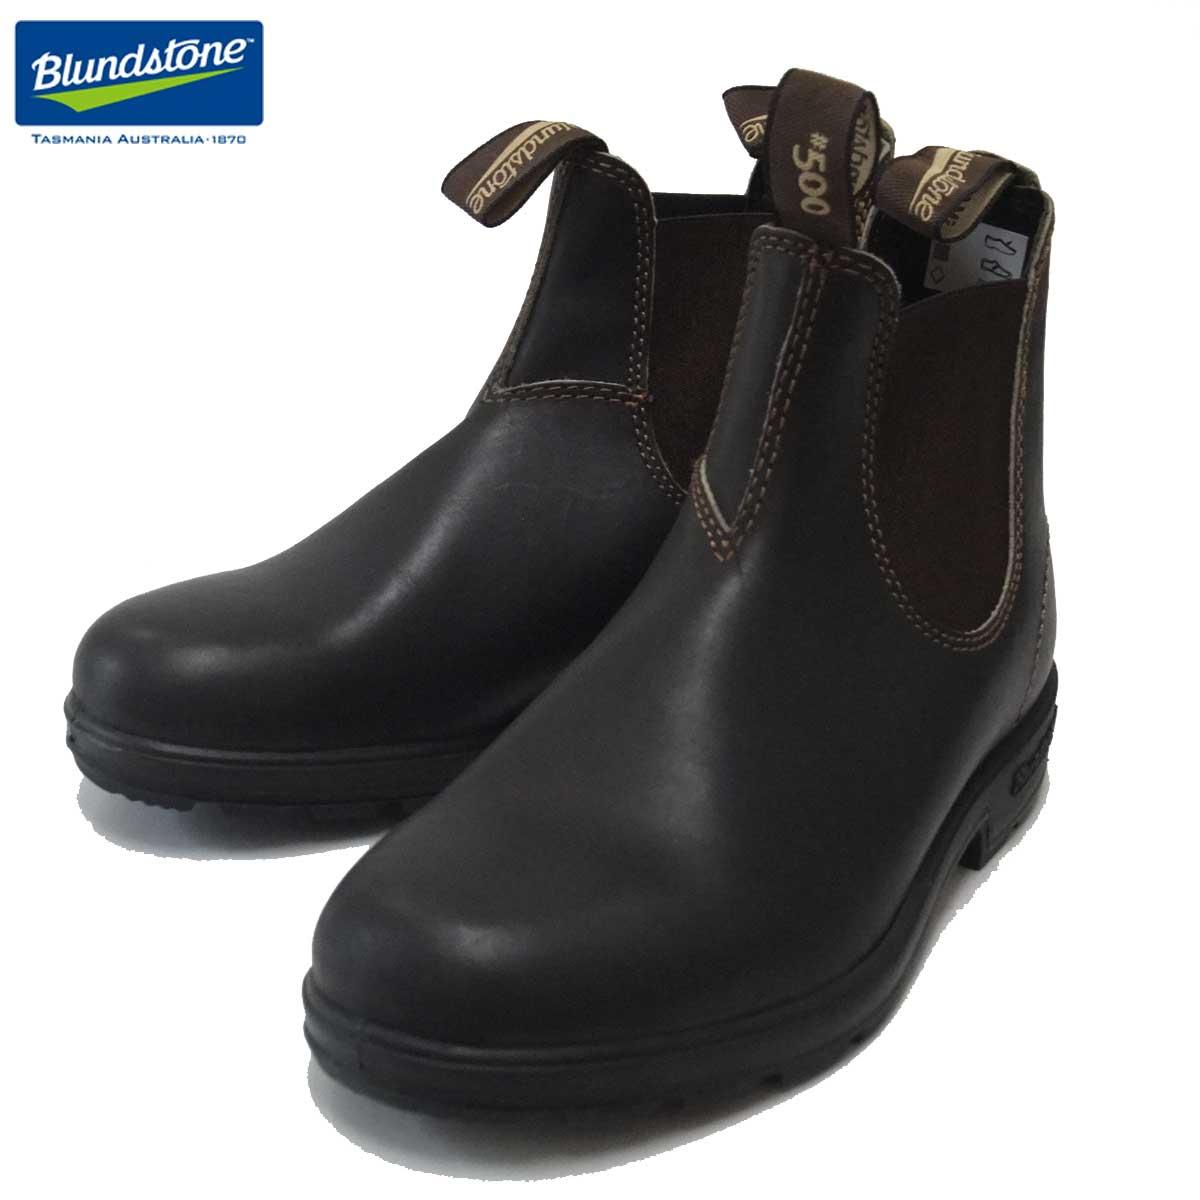 ブランドストーン Blundstone BS500 050 スタウトブラウン(ユニセックス) 「靴」